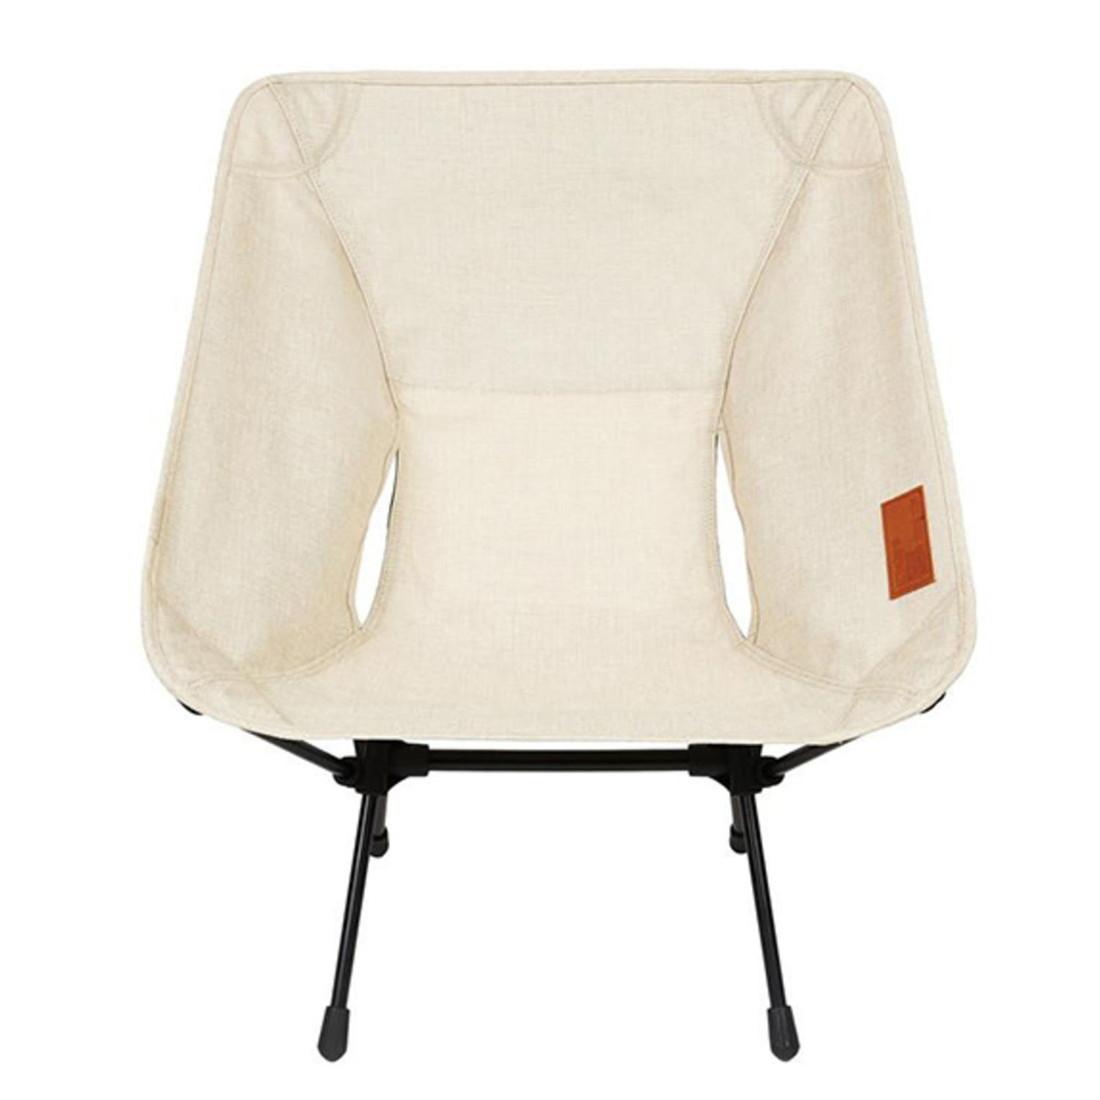 ヘリノックス コンフォートチェア 折りたたみ椅子チェアー  国内正規品